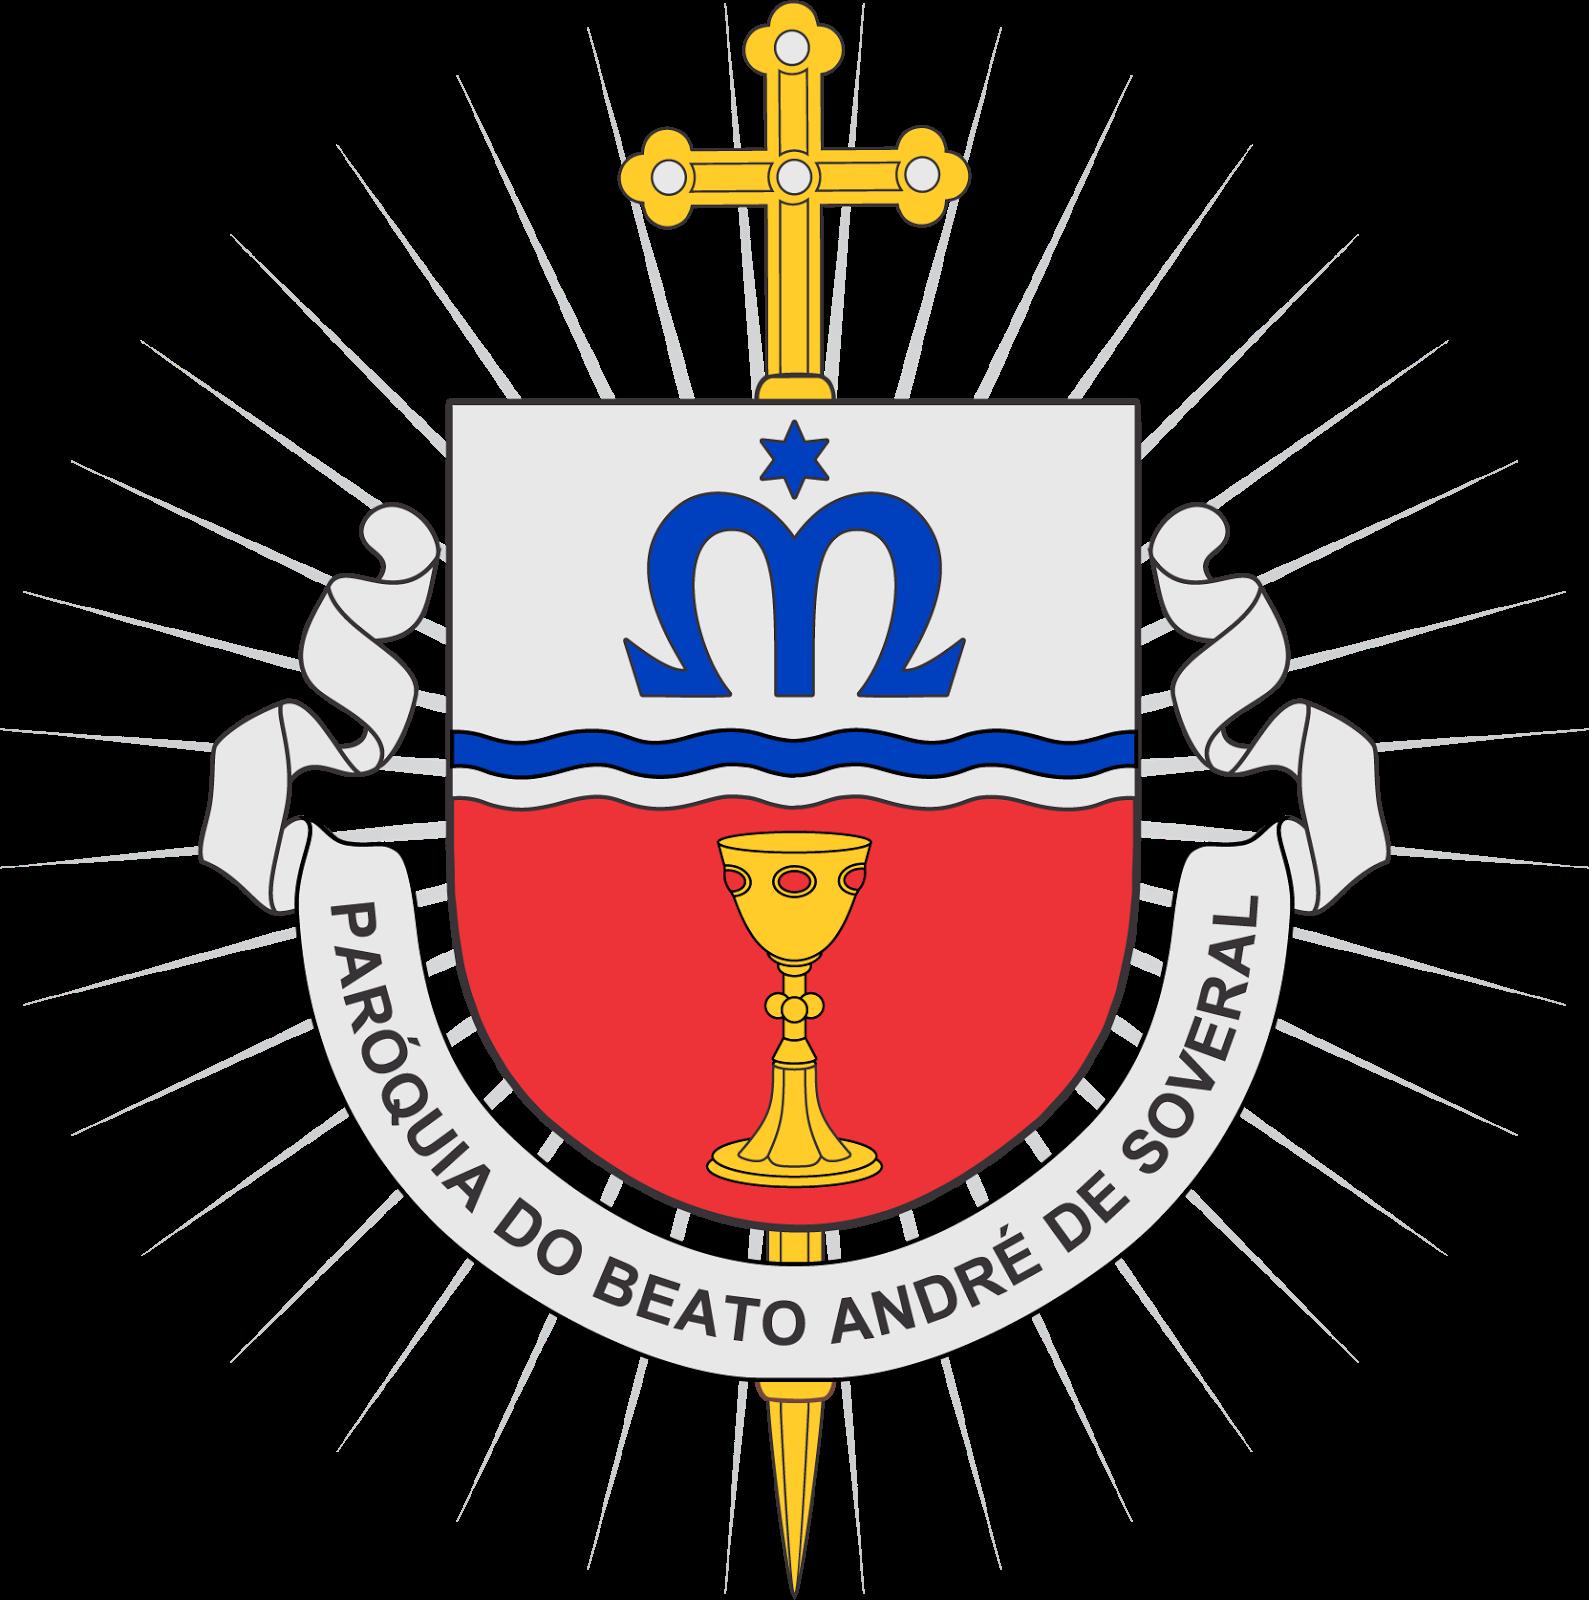 Paróquia Beato André de Soveral